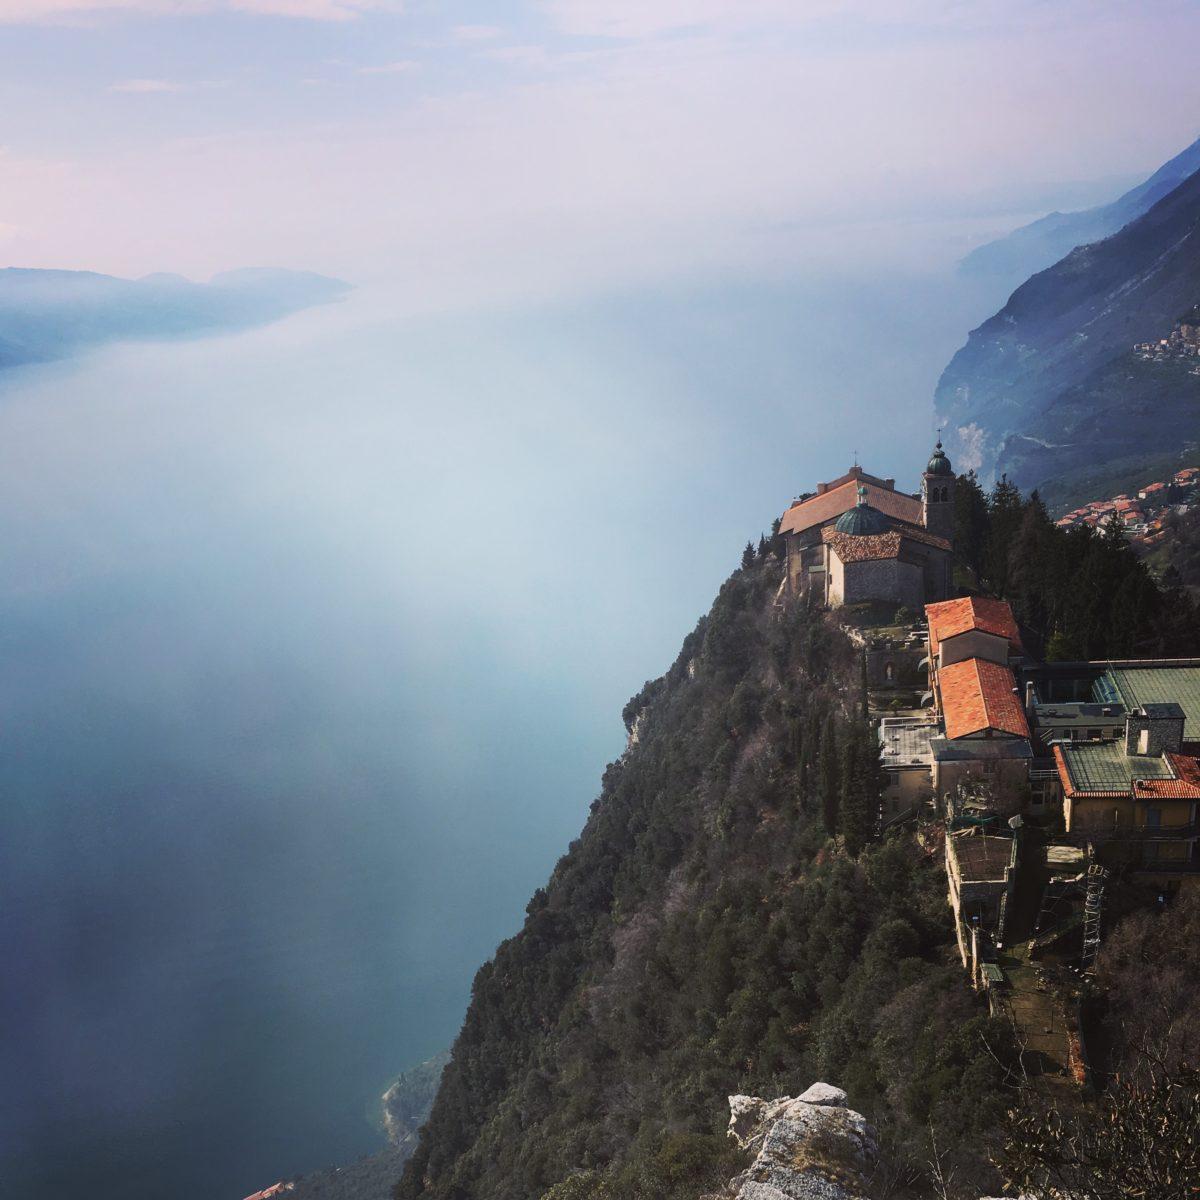 Das Kloster Montecastello mit seinen steilen Felsabbrüchen in Richtung Gardassee